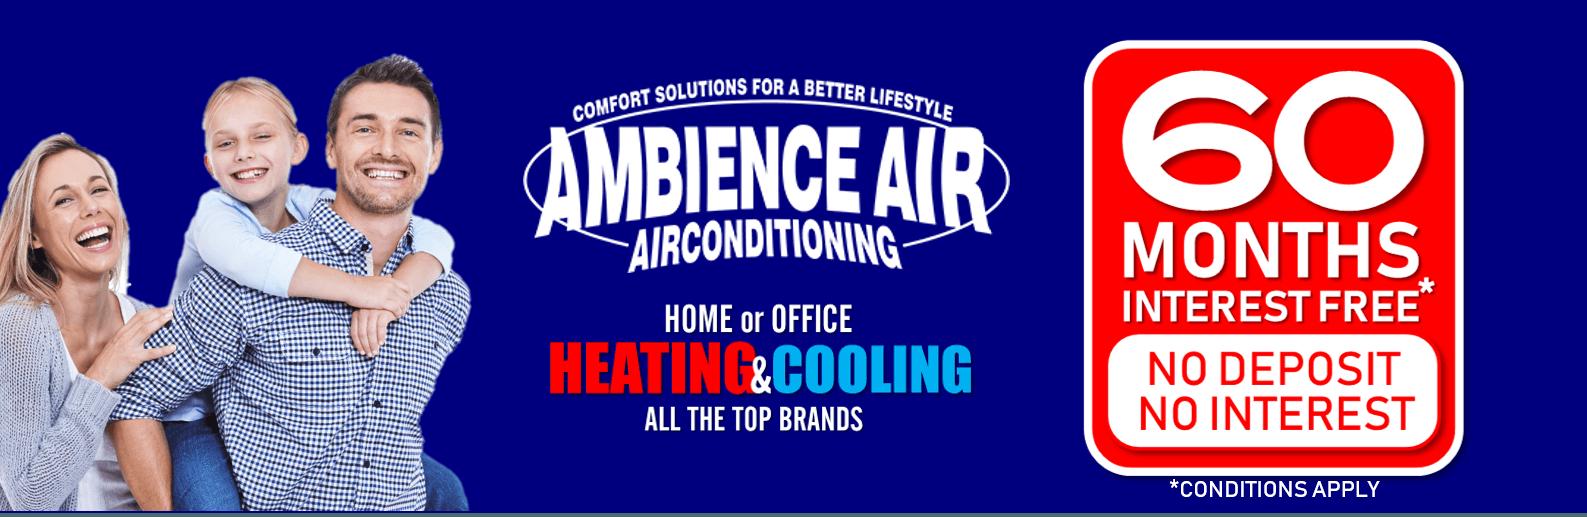 AmbAir1 60 Months Website Banner 1905x590